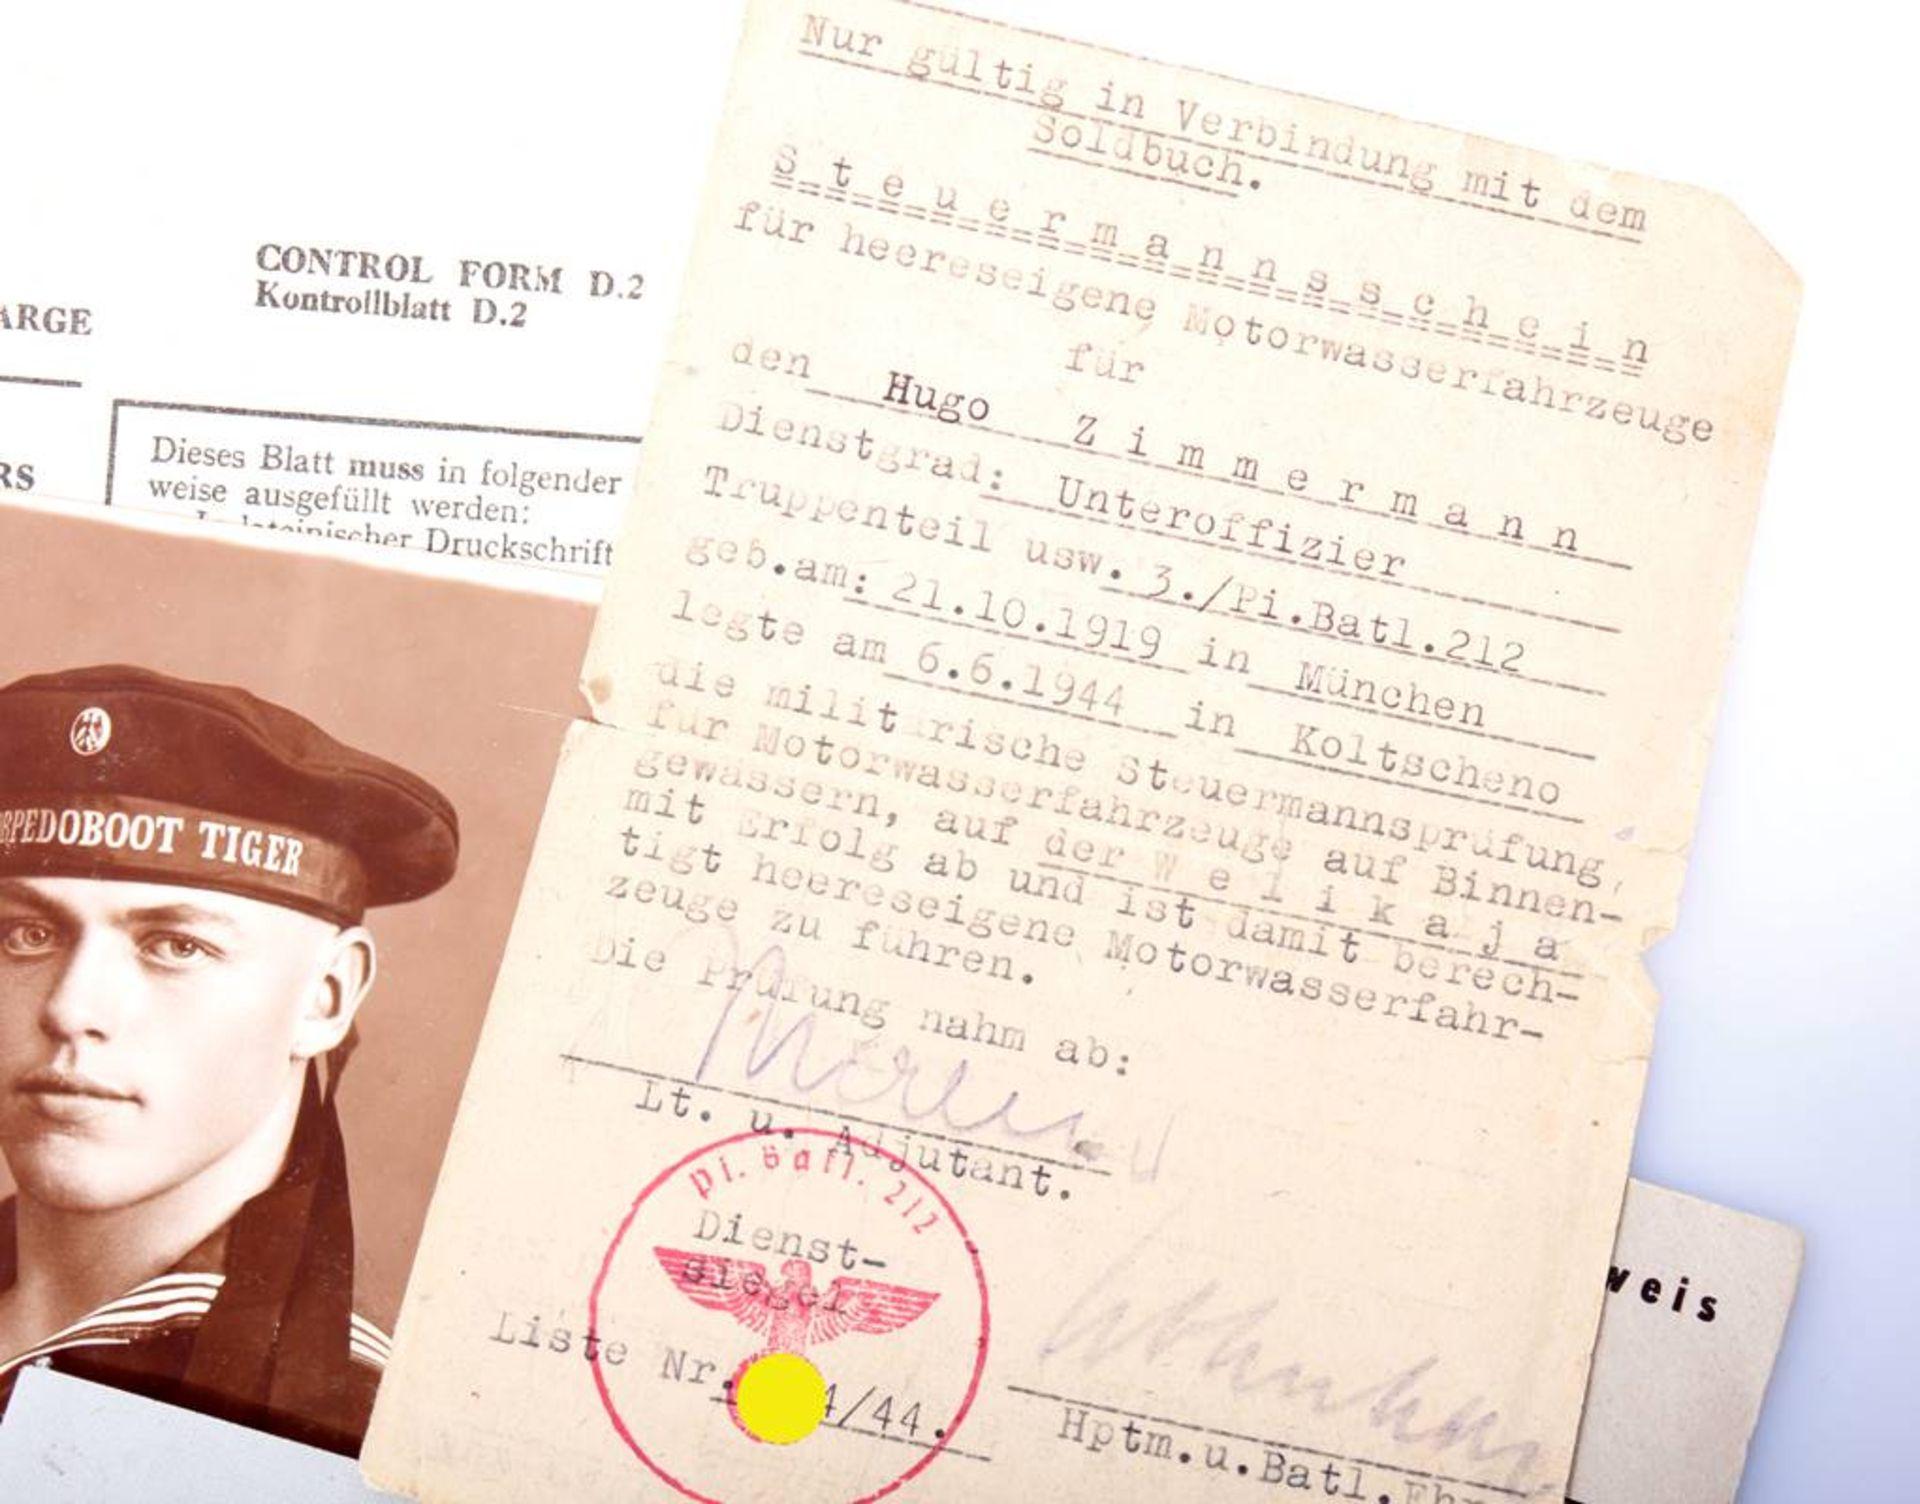 Nachlass eines Pionier Steuermanns für Sturmboote WehrmachtPapiere , Fotos und - Bild 3 aus 3